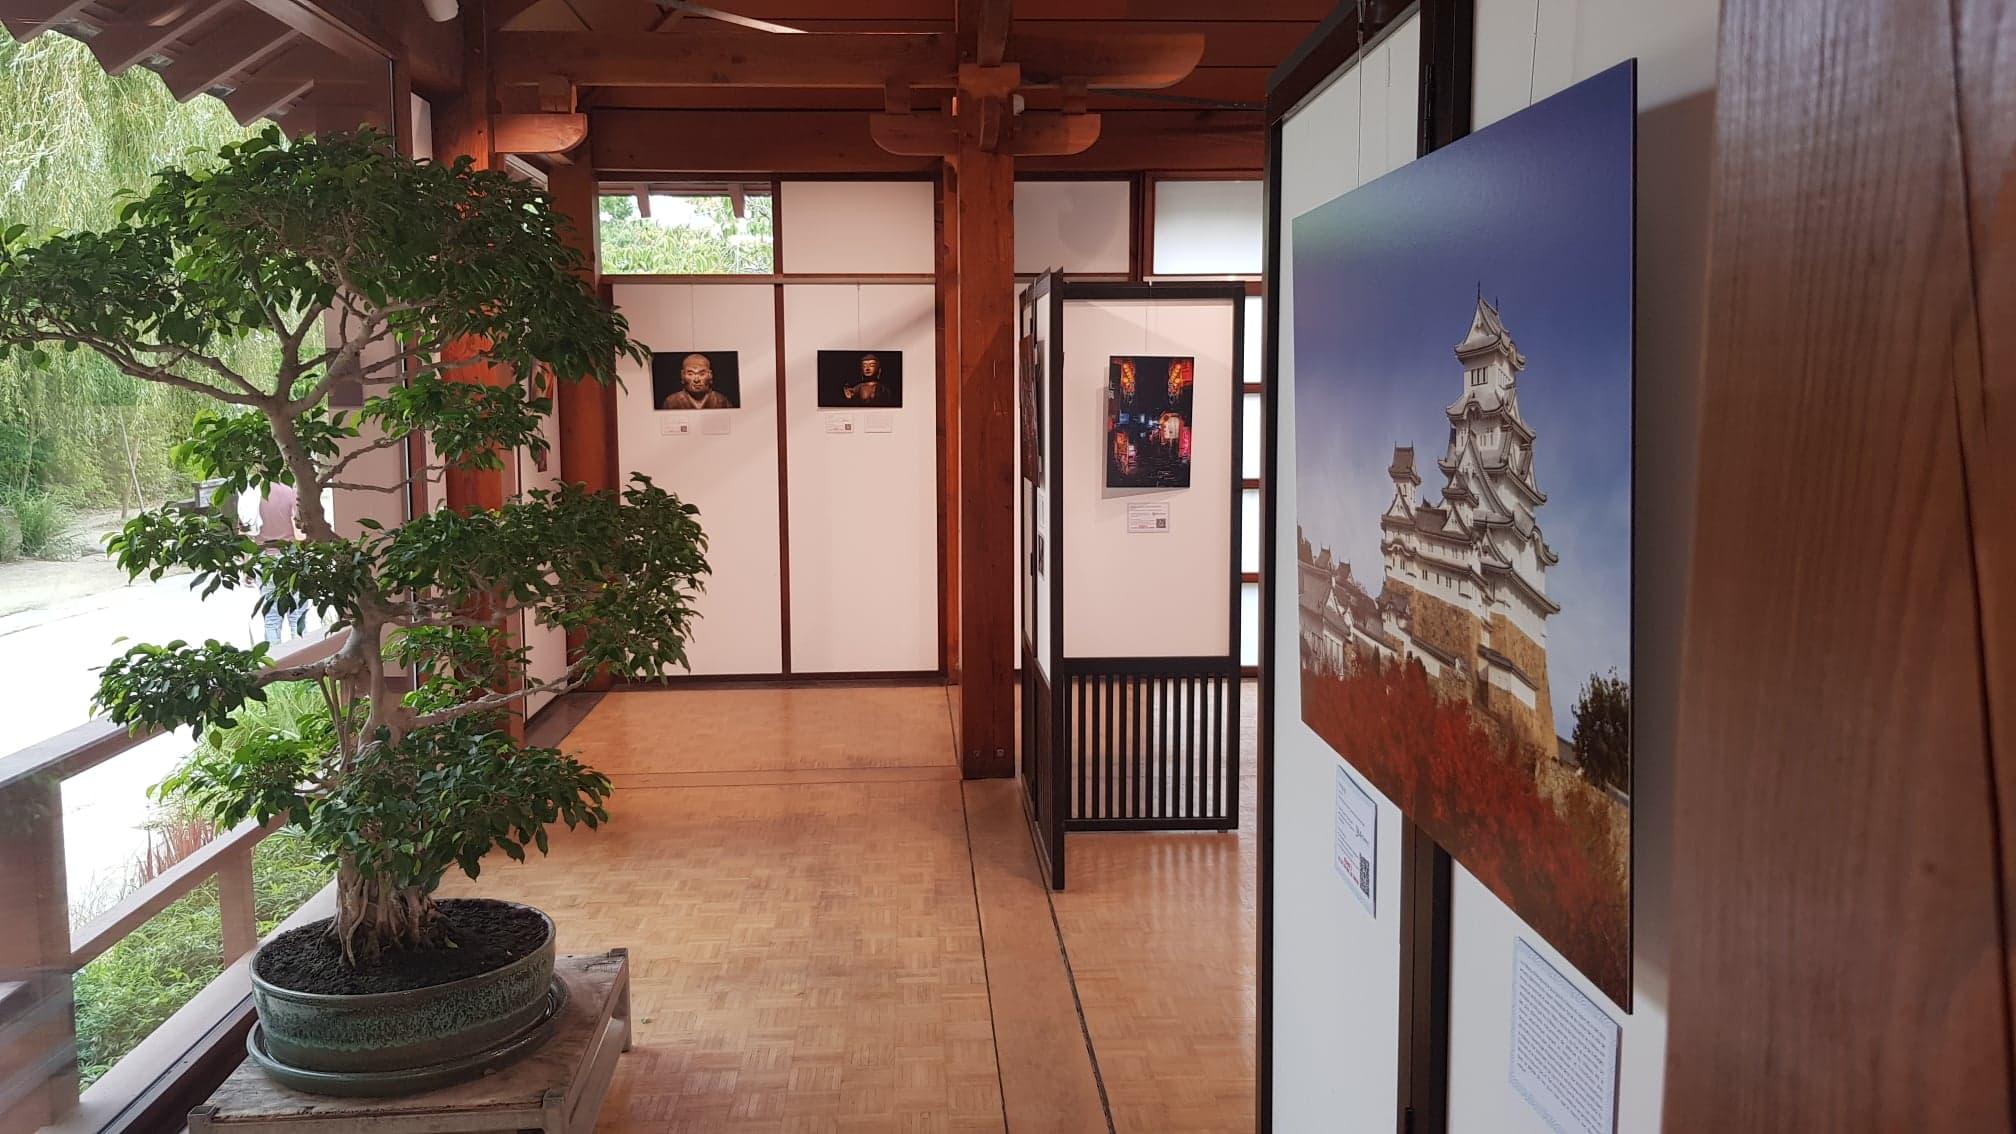 Exposition photographique sur la Japon à Nantes, par Valentin Napoli